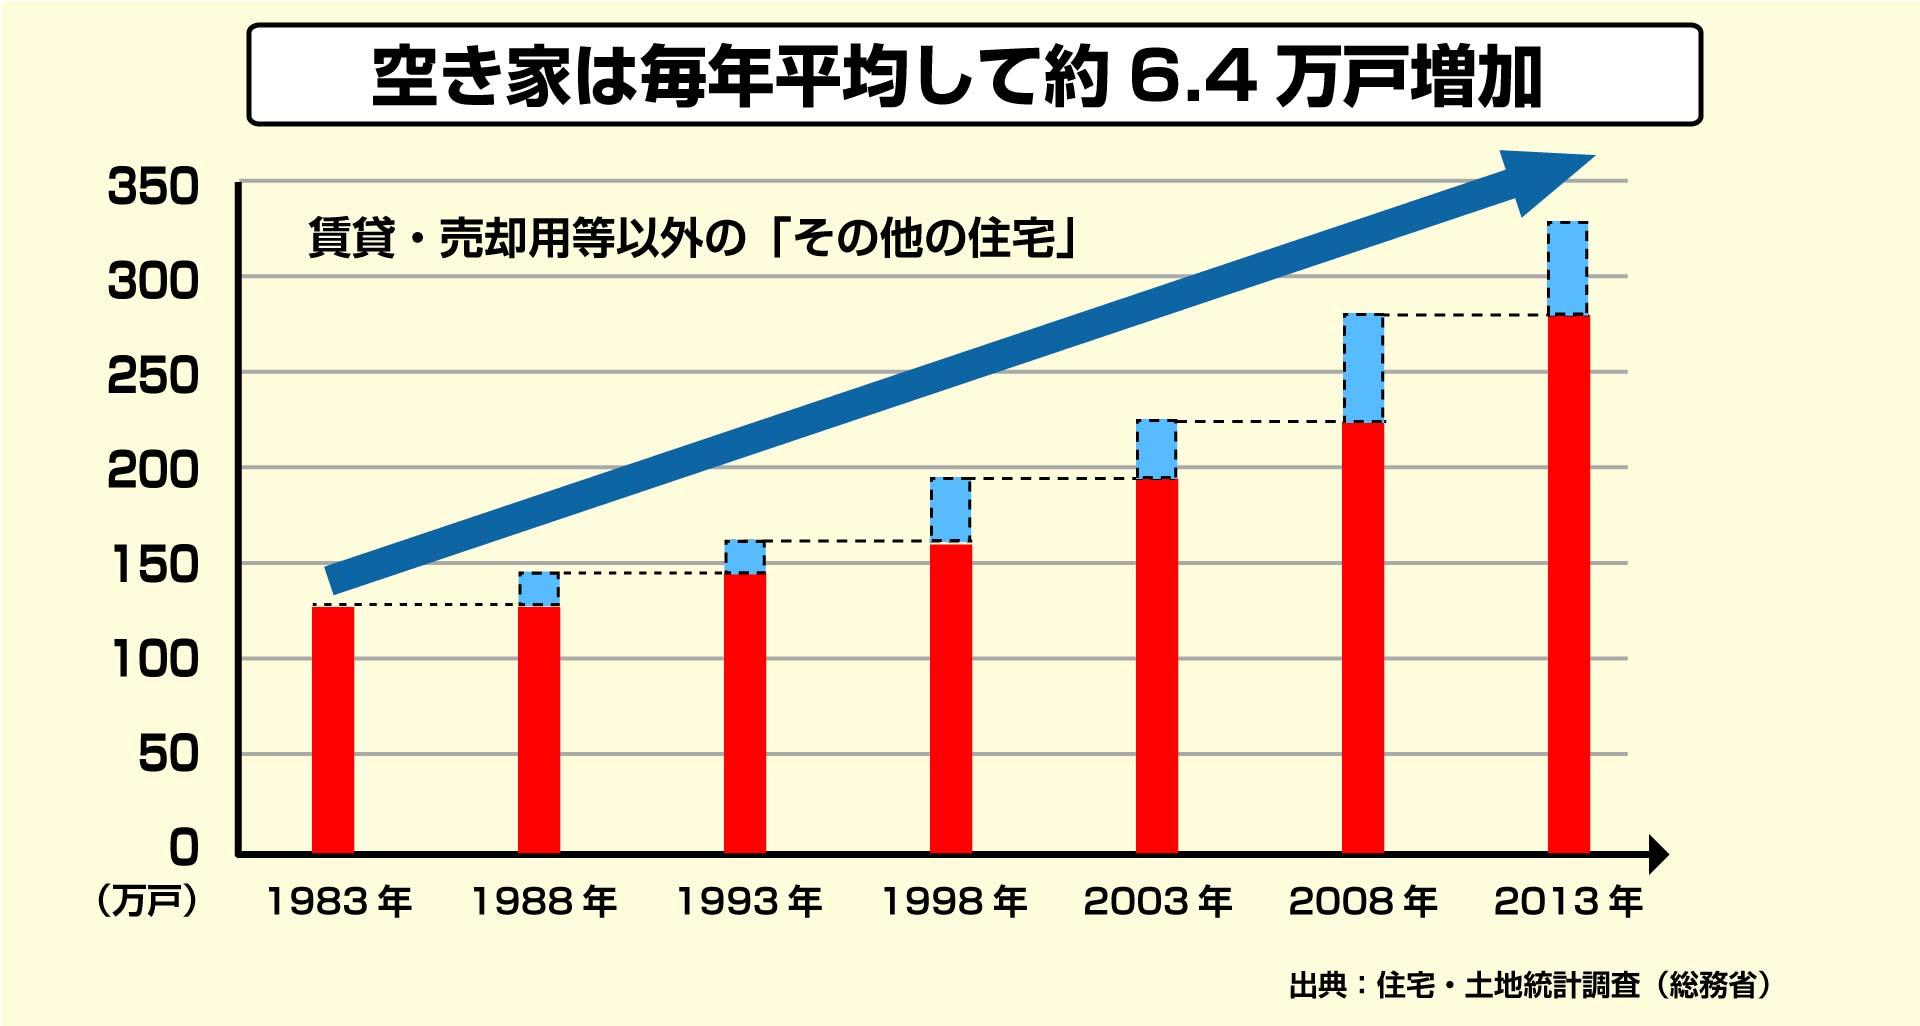 空き家の増加推移グラフ